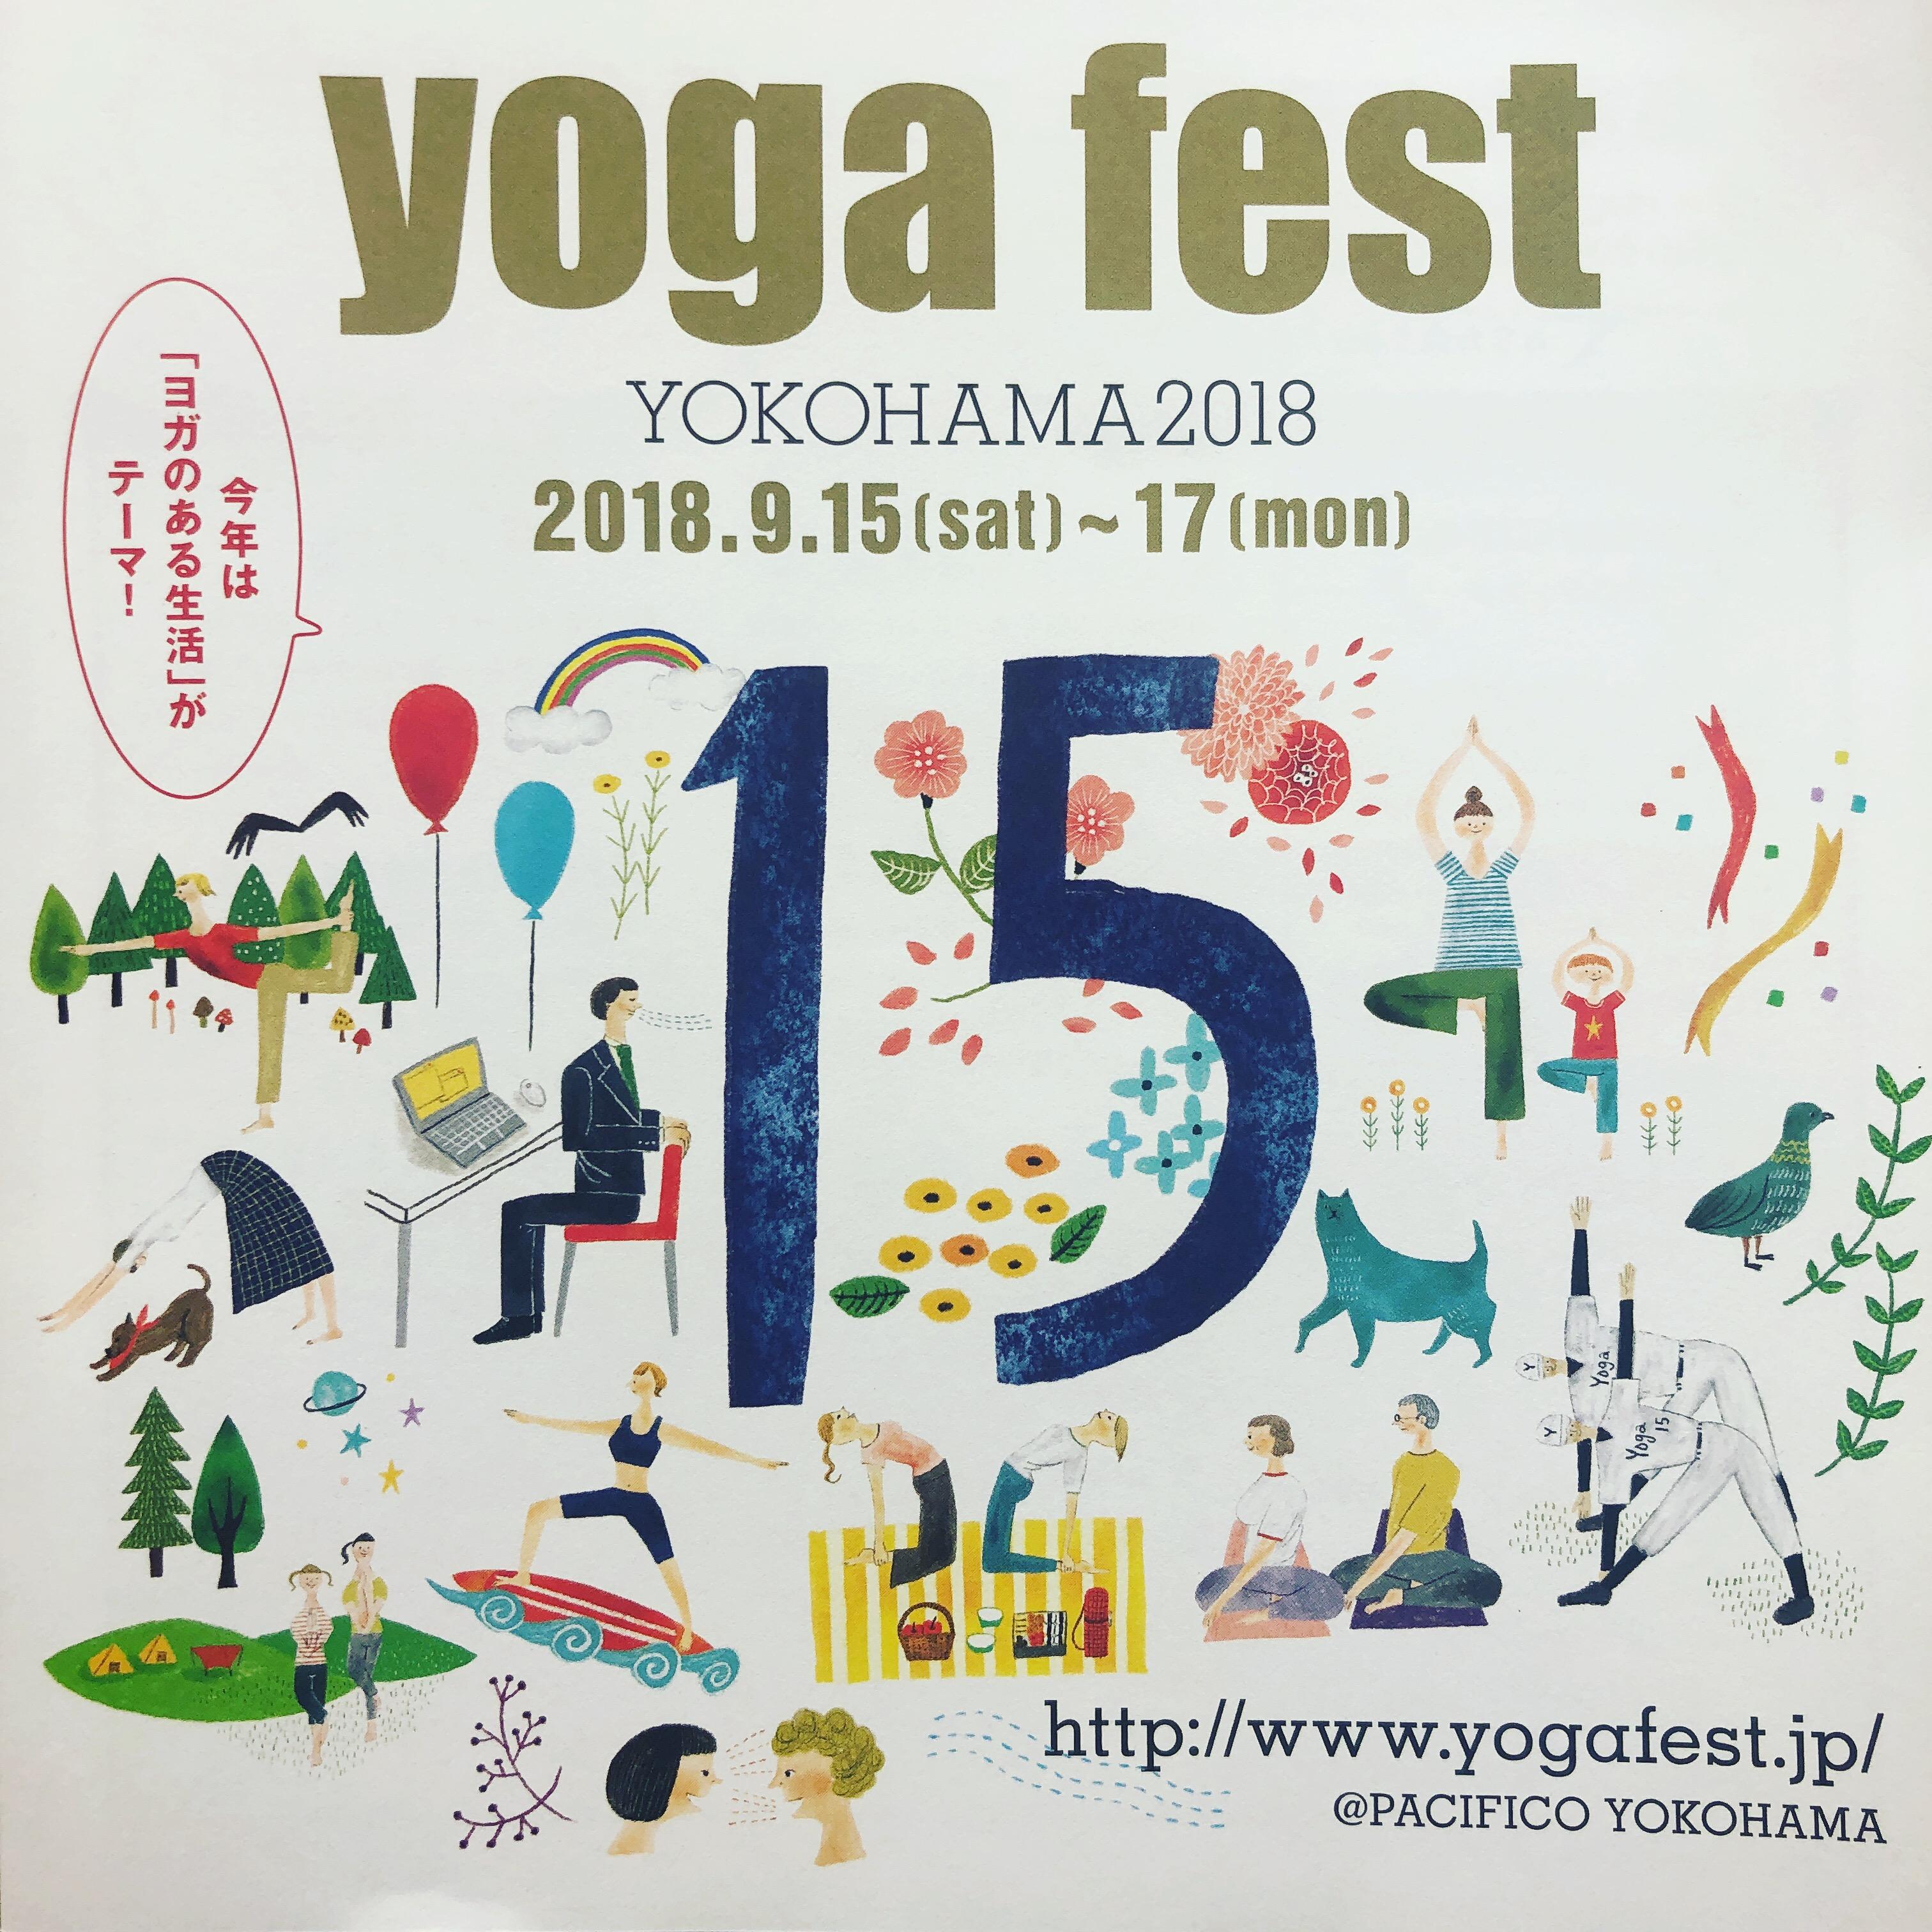 2018/9/15.16.17 ヨガフェスタ横浜2018